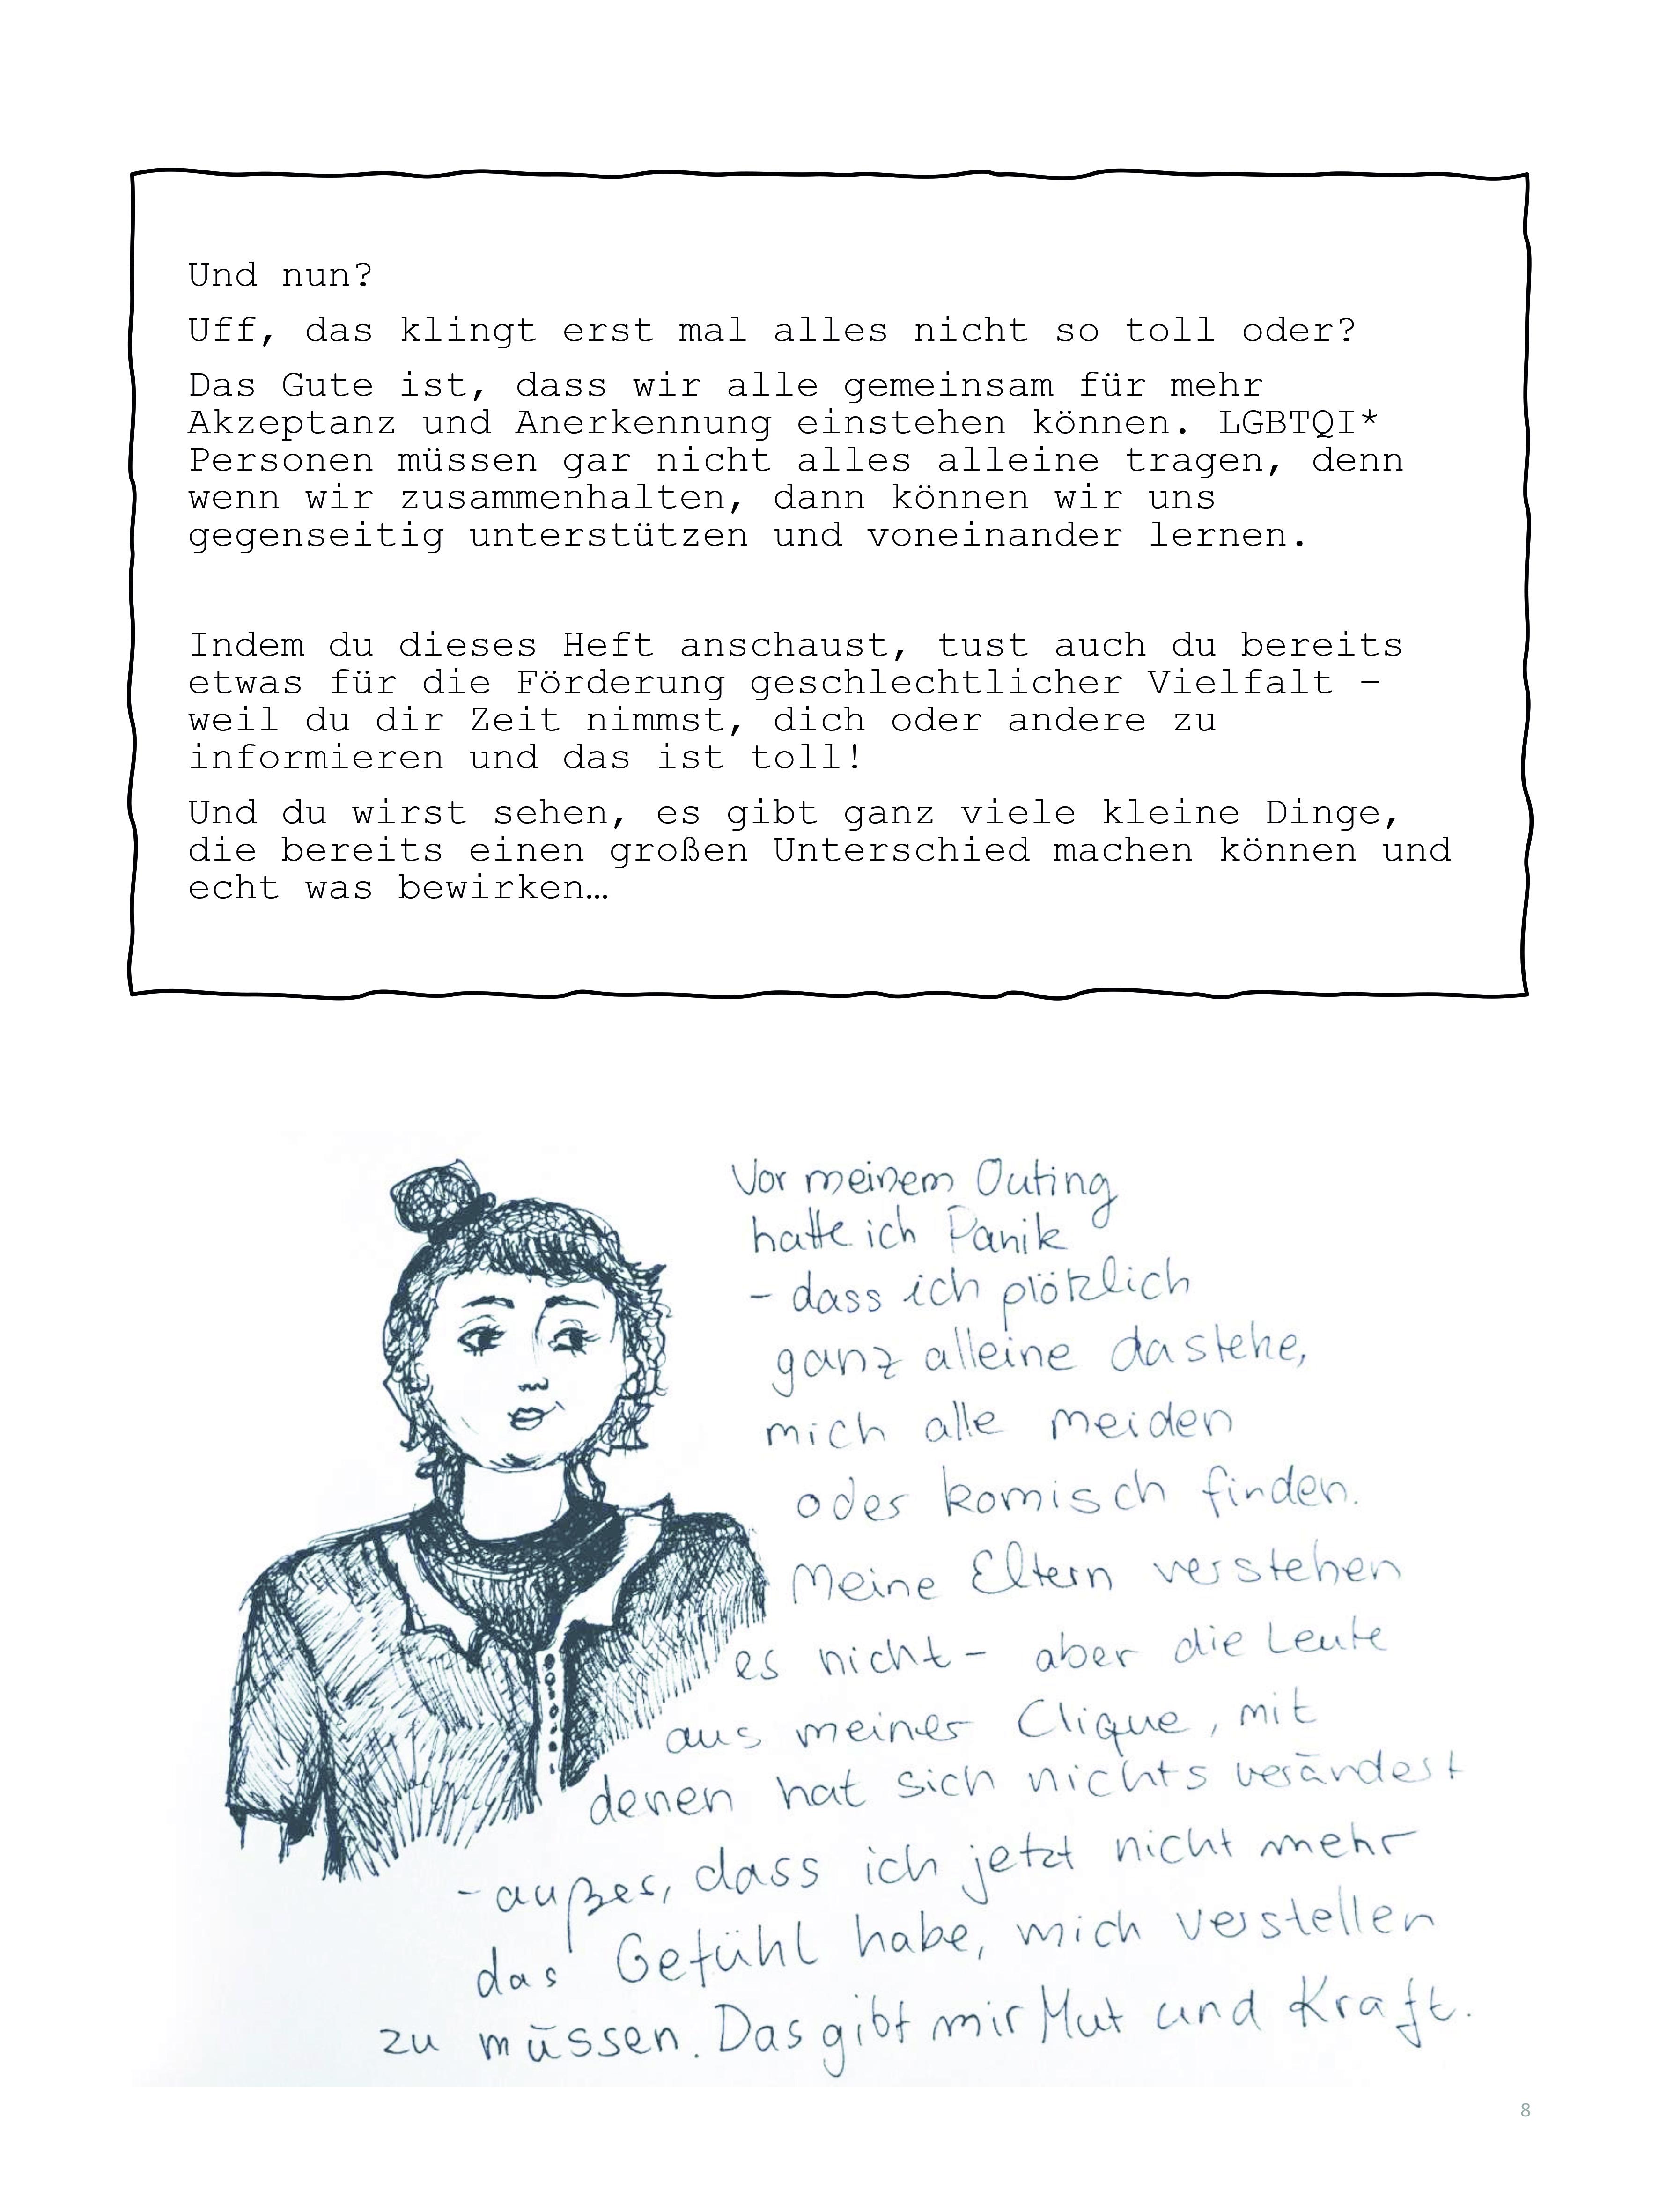 Seite 9 der Broschüre